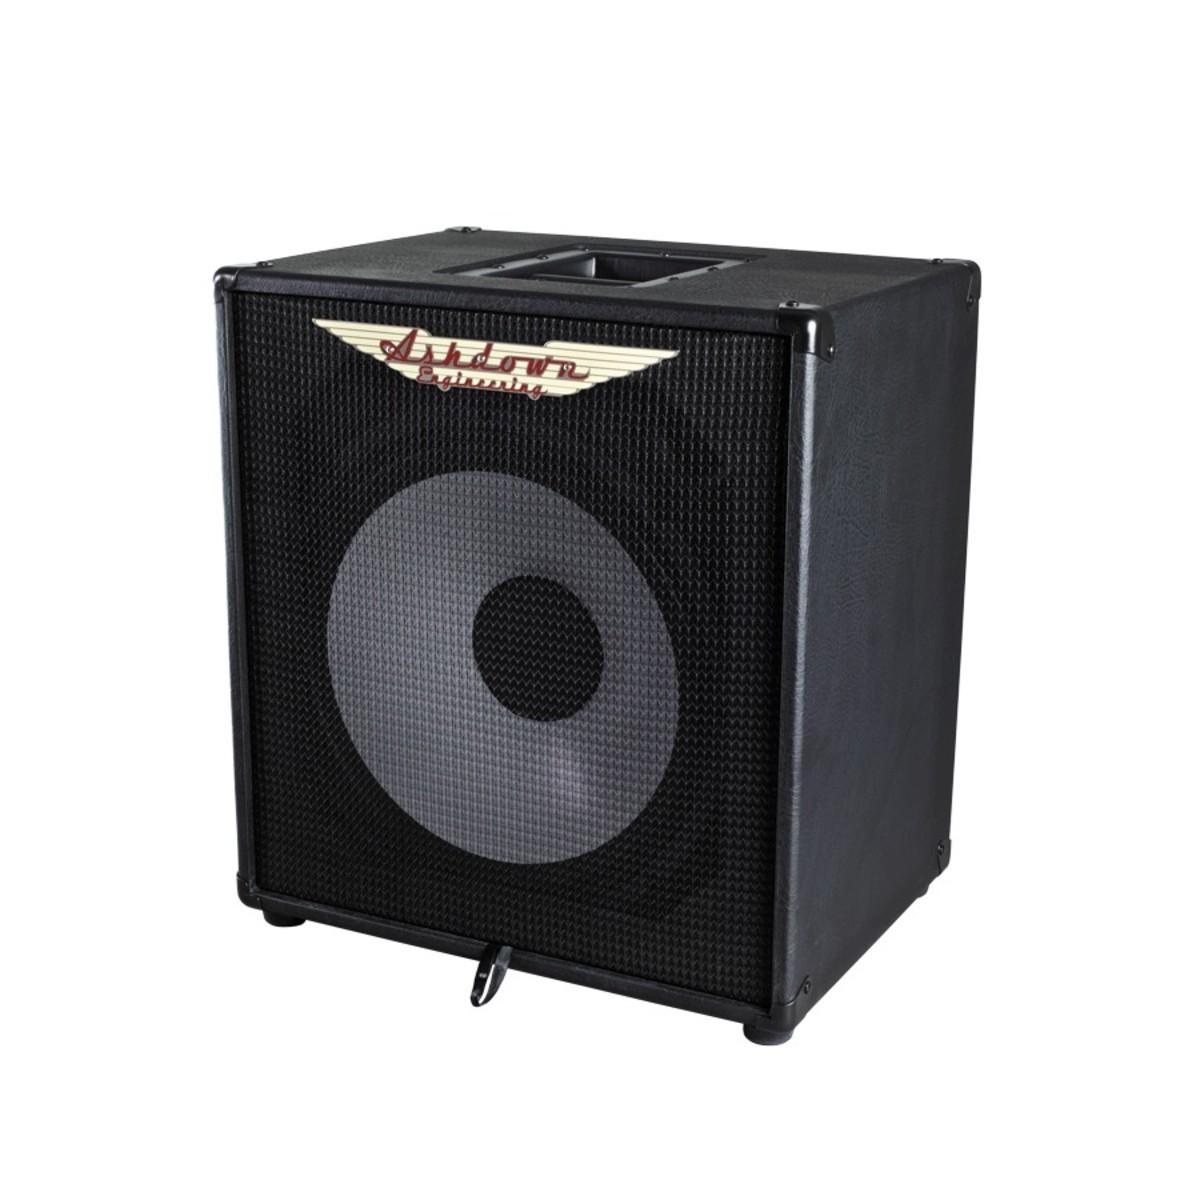 haut parleur de grave ashdown rm 115 t evo l ger 1 x 15 pouces baffle b stock. Black Bedroom Furniture Sets. Home Design Ideas